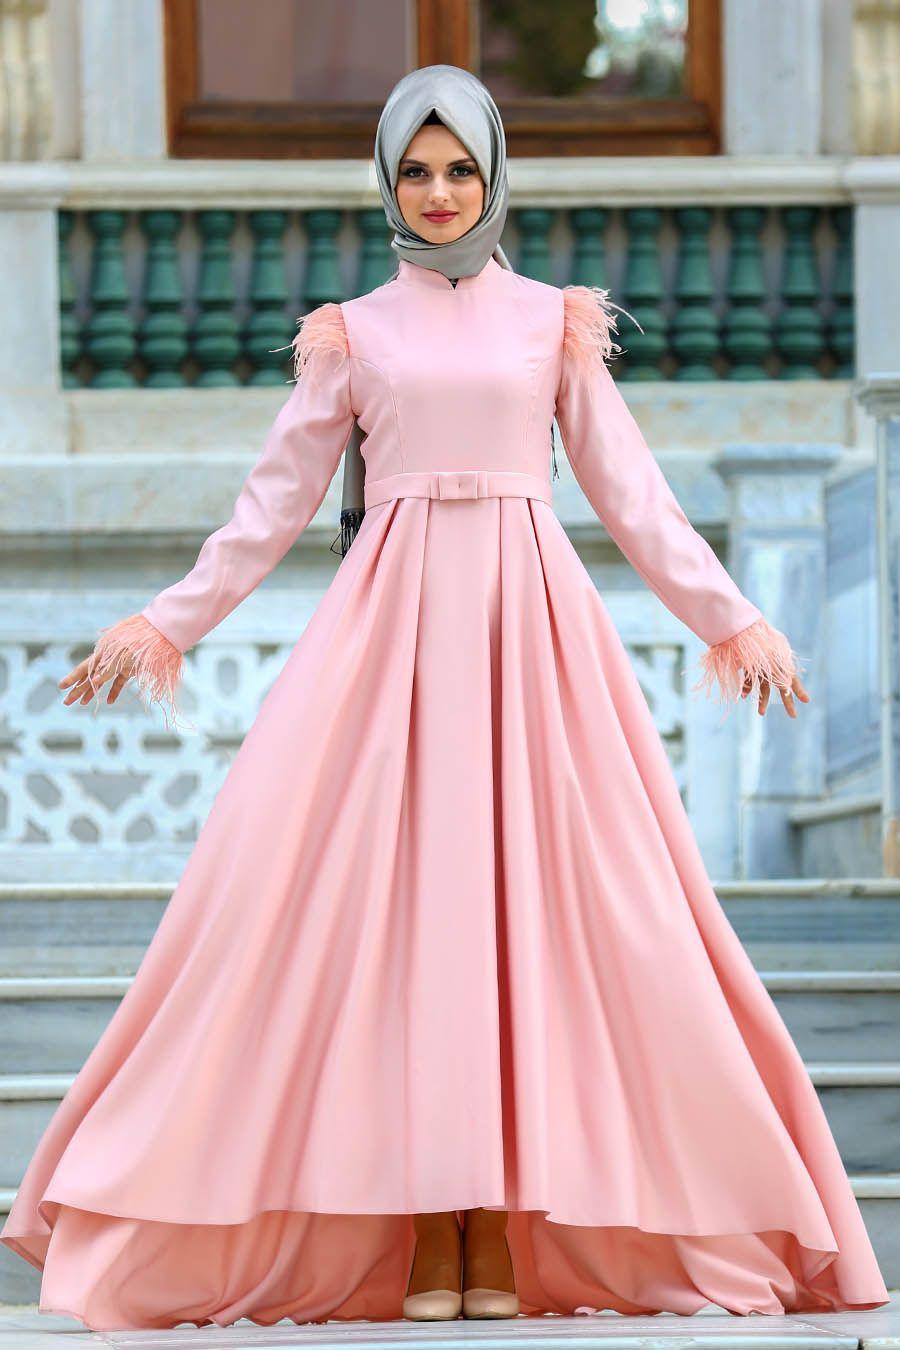 2018 Yeni Sezon Abiye Koleksiyonu Puane Tuy Detayli Somon Tesettur Abiye Elbise 8181smn The Dress Elbise Elbise Modelleri